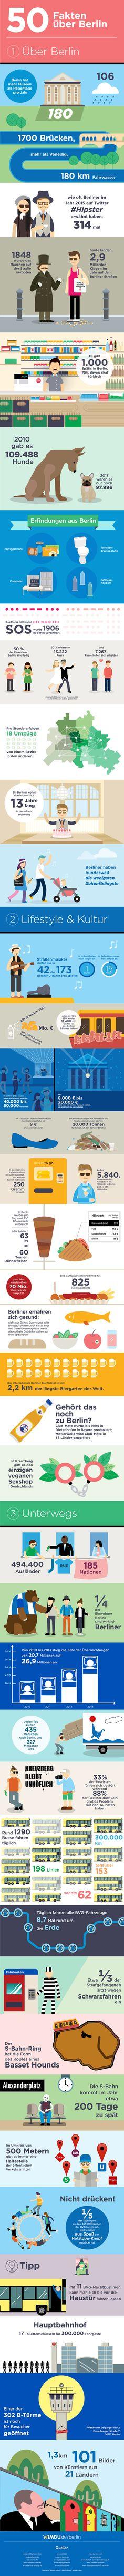 50 Fakten über Berlin, die keiner kennt - An Infographic from Wimdu Blog